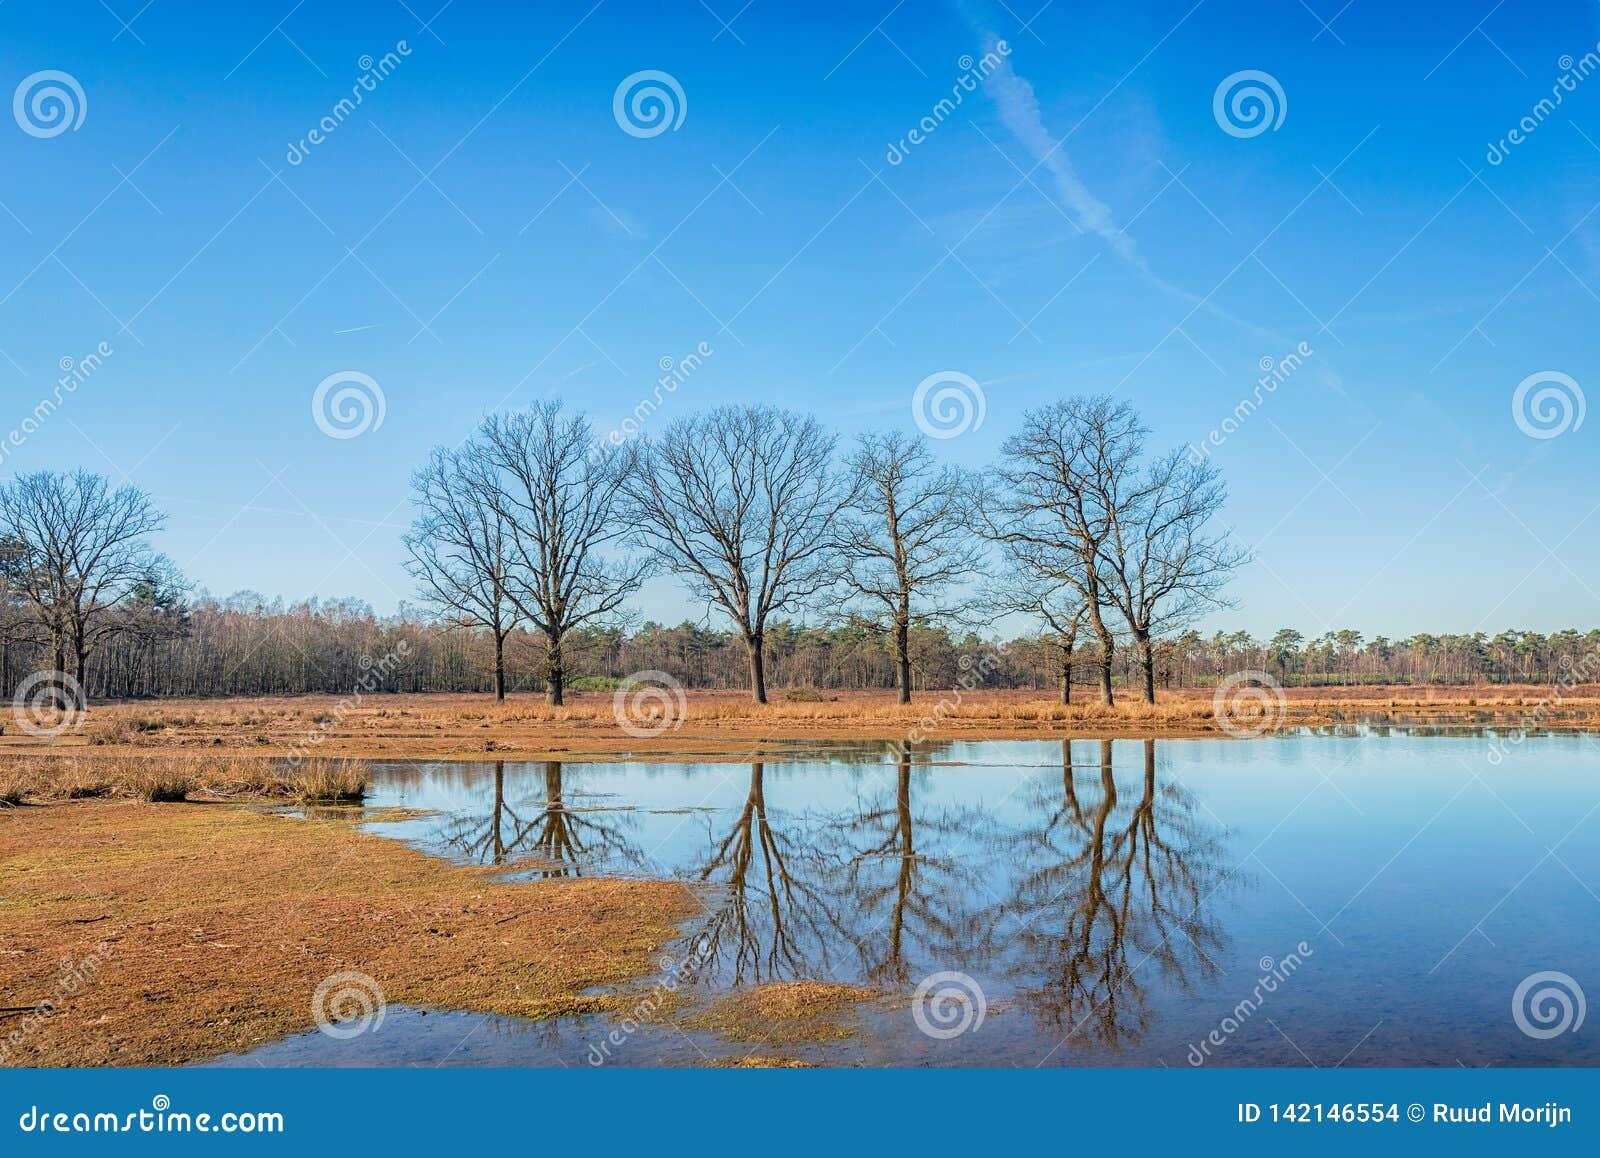 Τα δέντρα με τους γυμνούς κλάδους απεικόνισαν στο ομαλό νερό καθρεφτών ενός μόνου στο wintertime